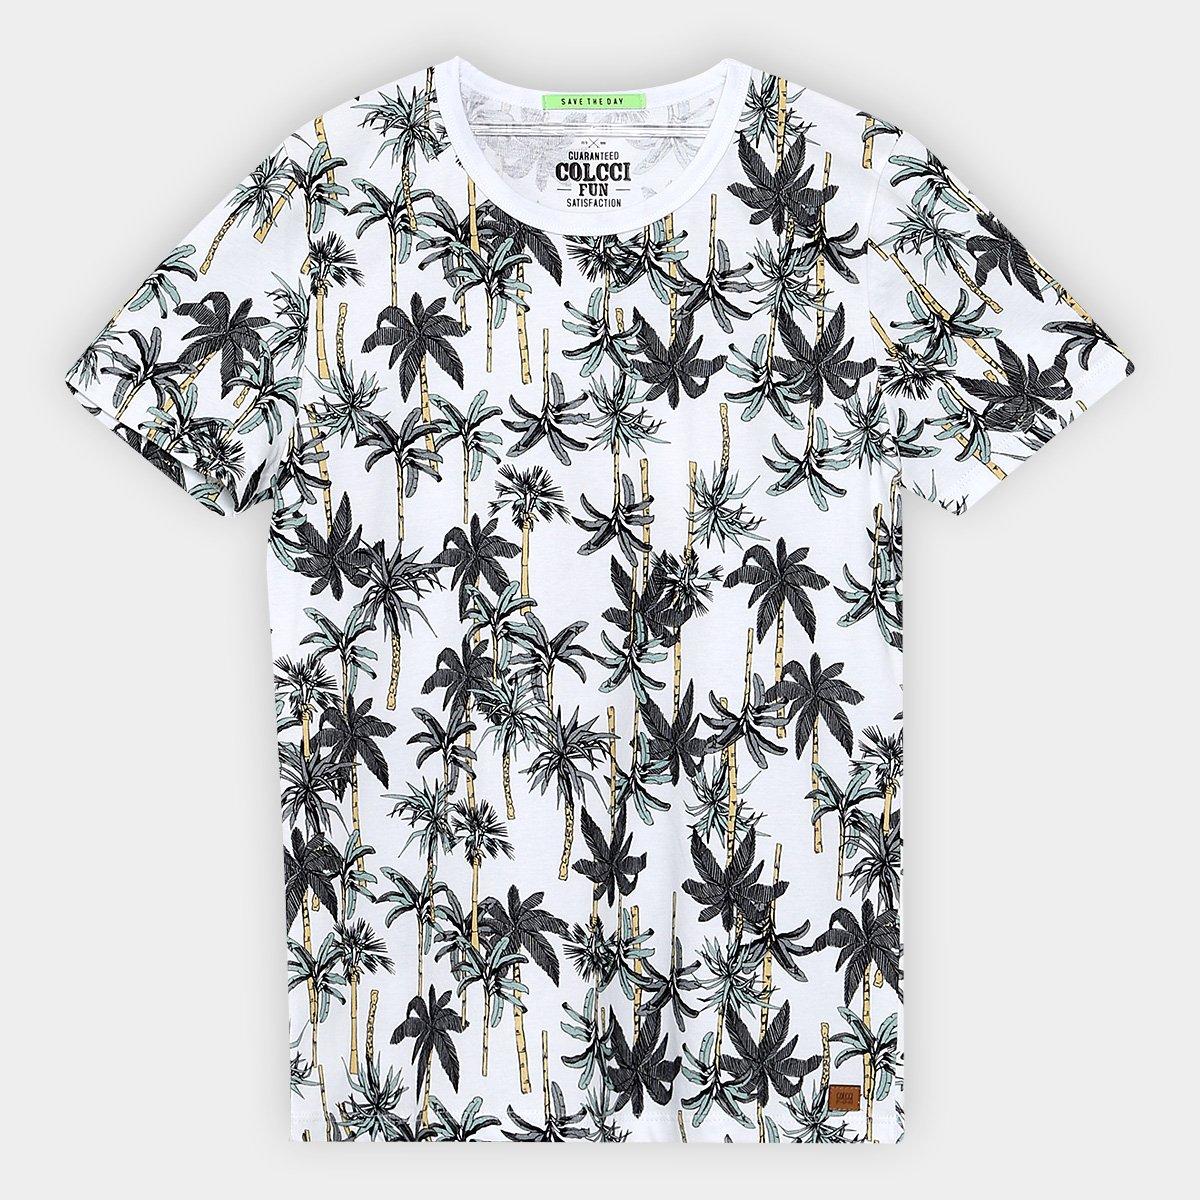 6ea6a9bfd Camiseta Infantil Colcci Fun Estapada Coqueiro Masculina - Compre Agora